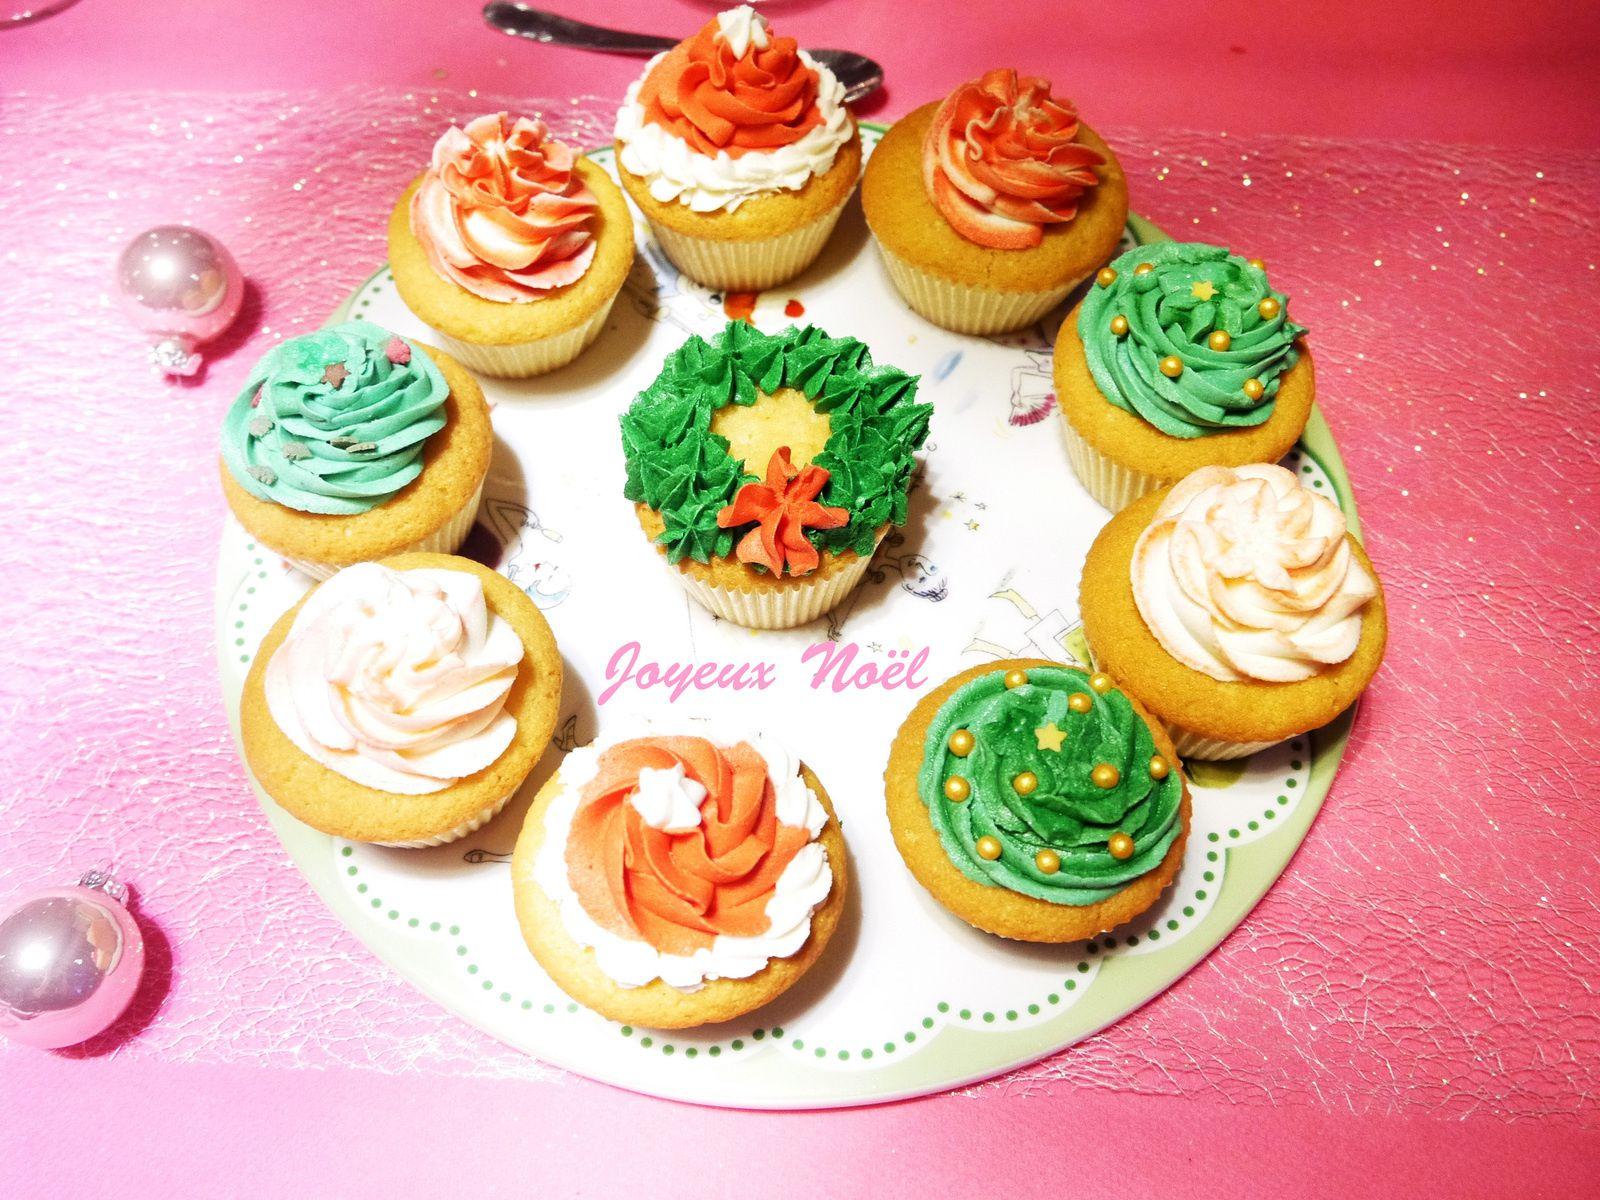 Merry Xmas from Creamy Bakery